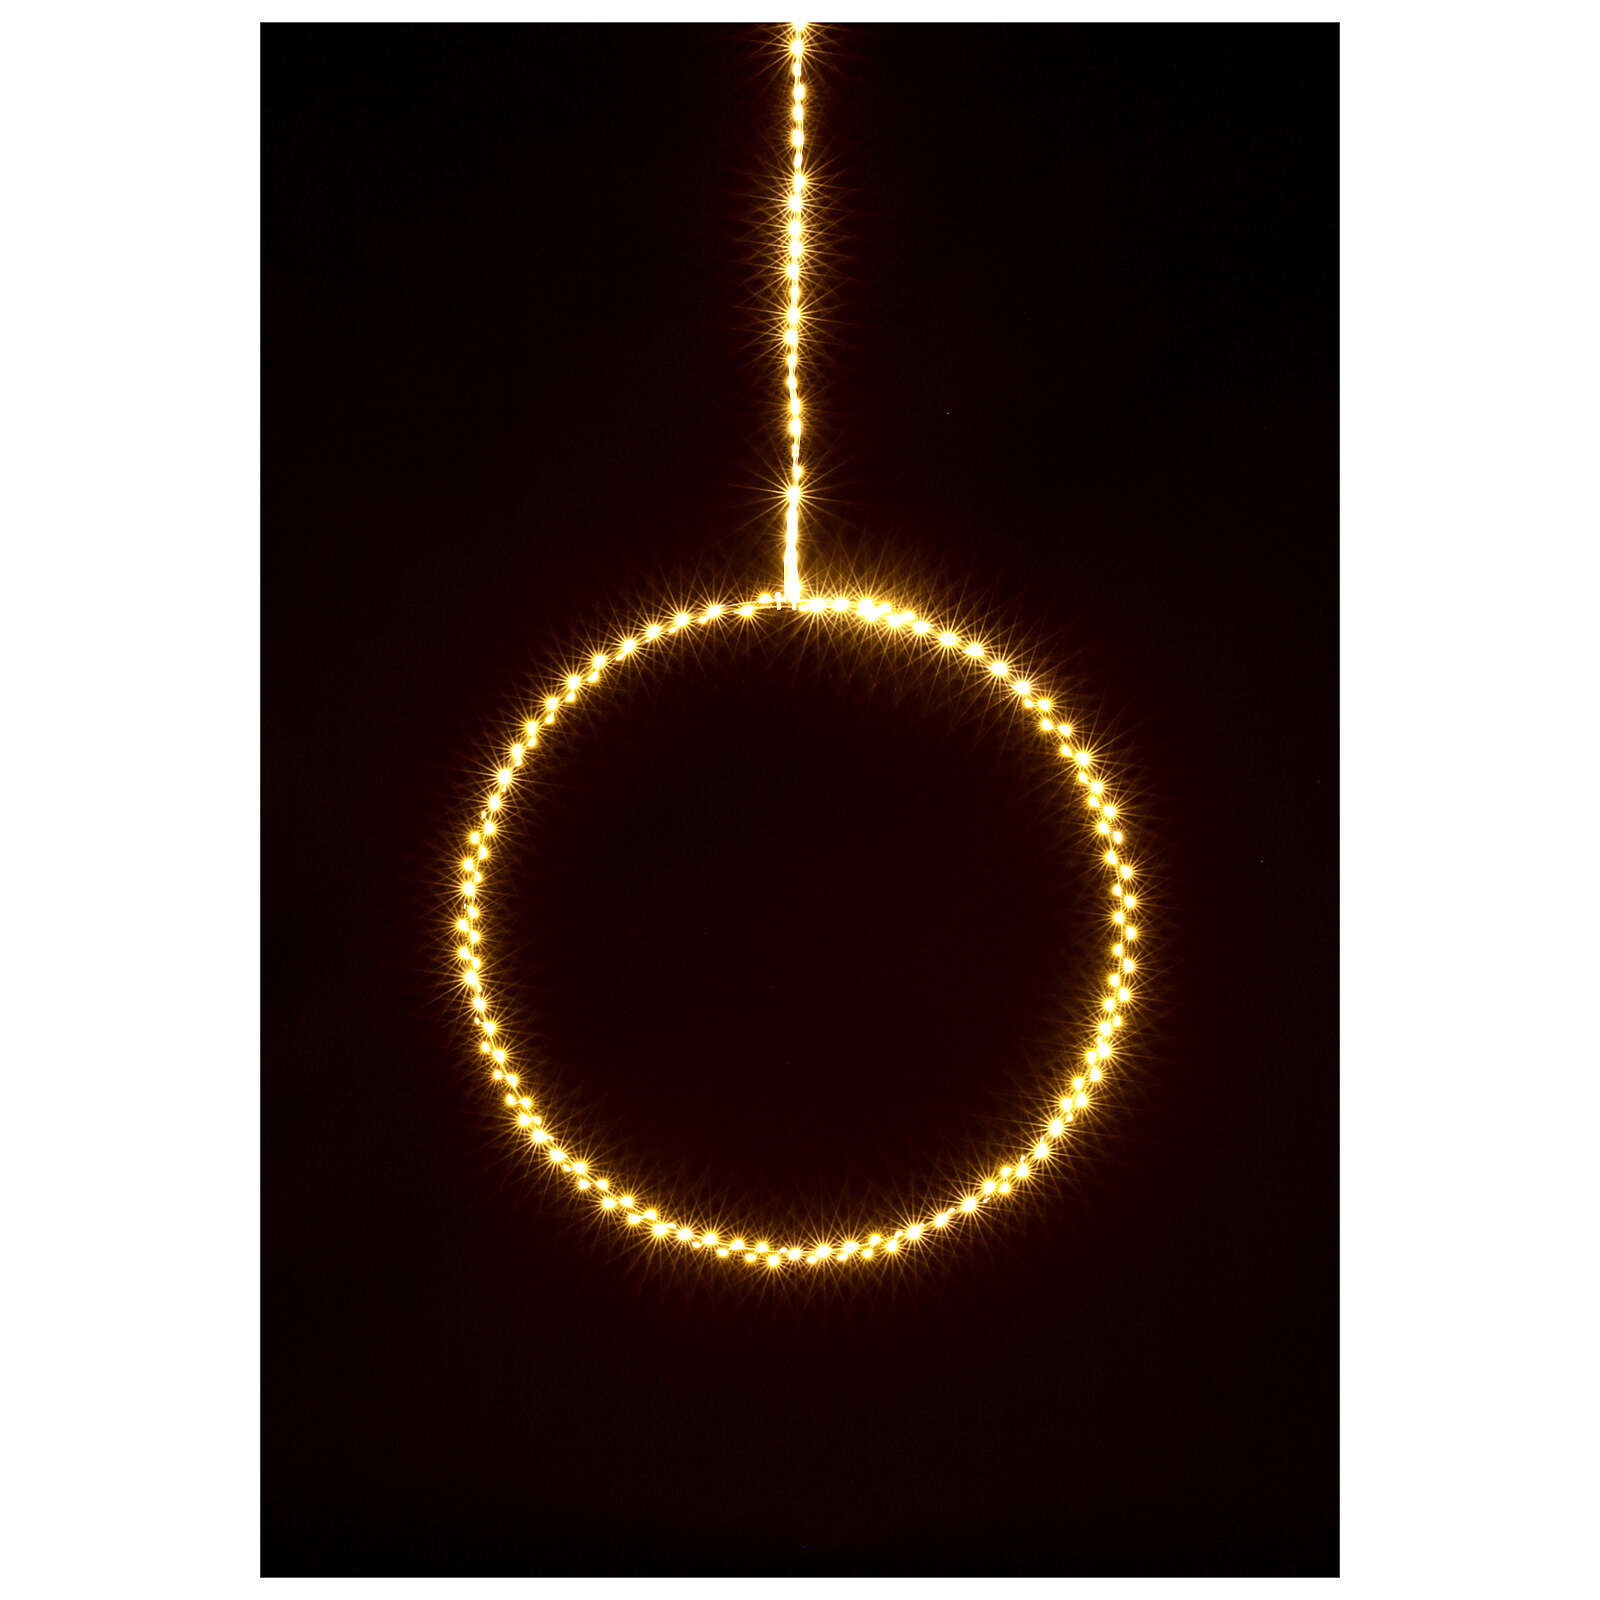 Anello luminoso Natale gocce led bianco caldo d. 50 cm interno 220V 3